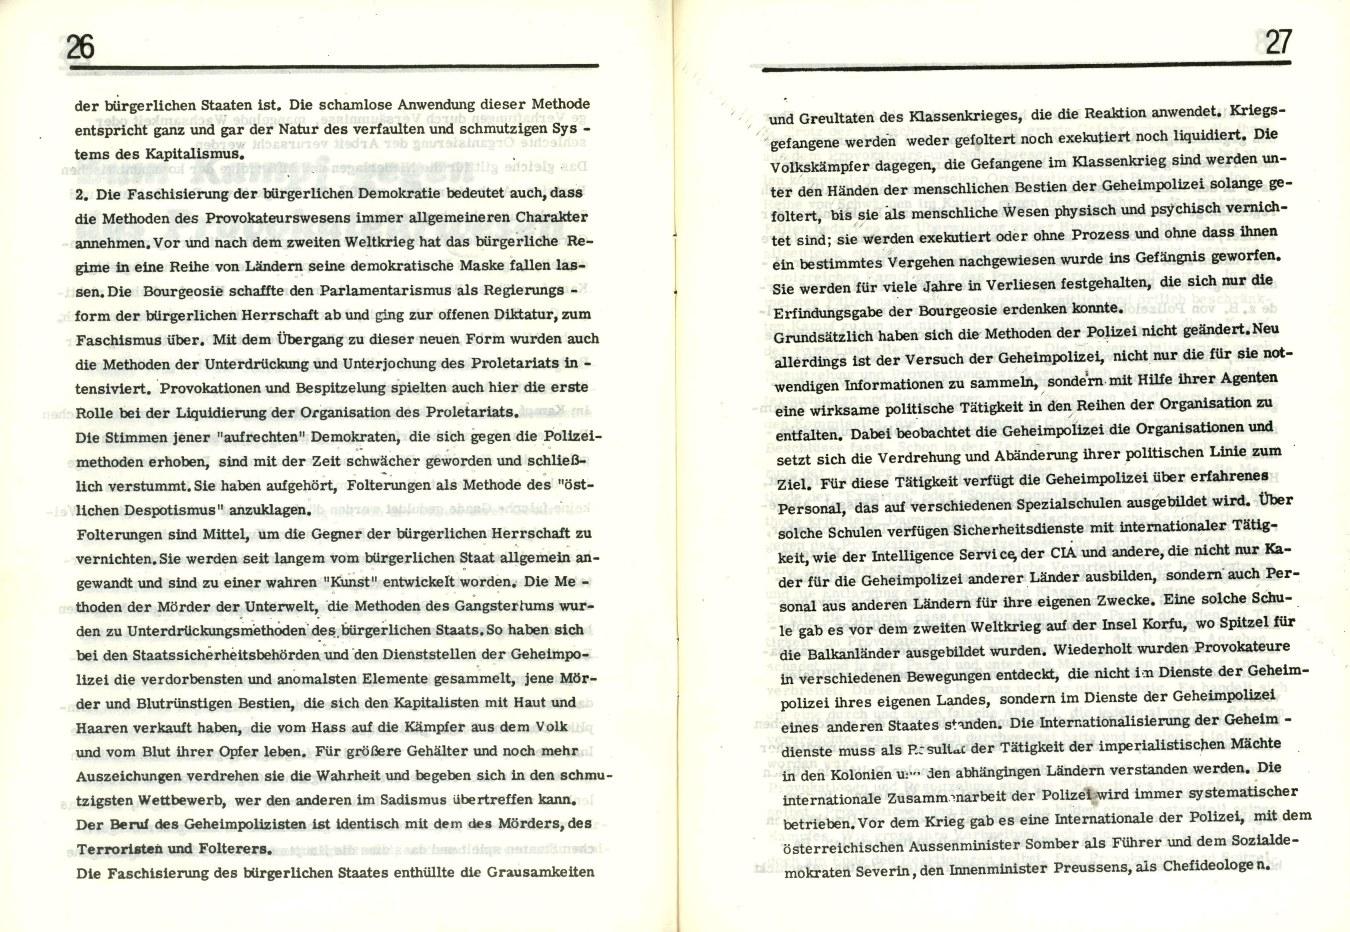 Griechenland_Griechische_ML_1971_Dokumente_01_14